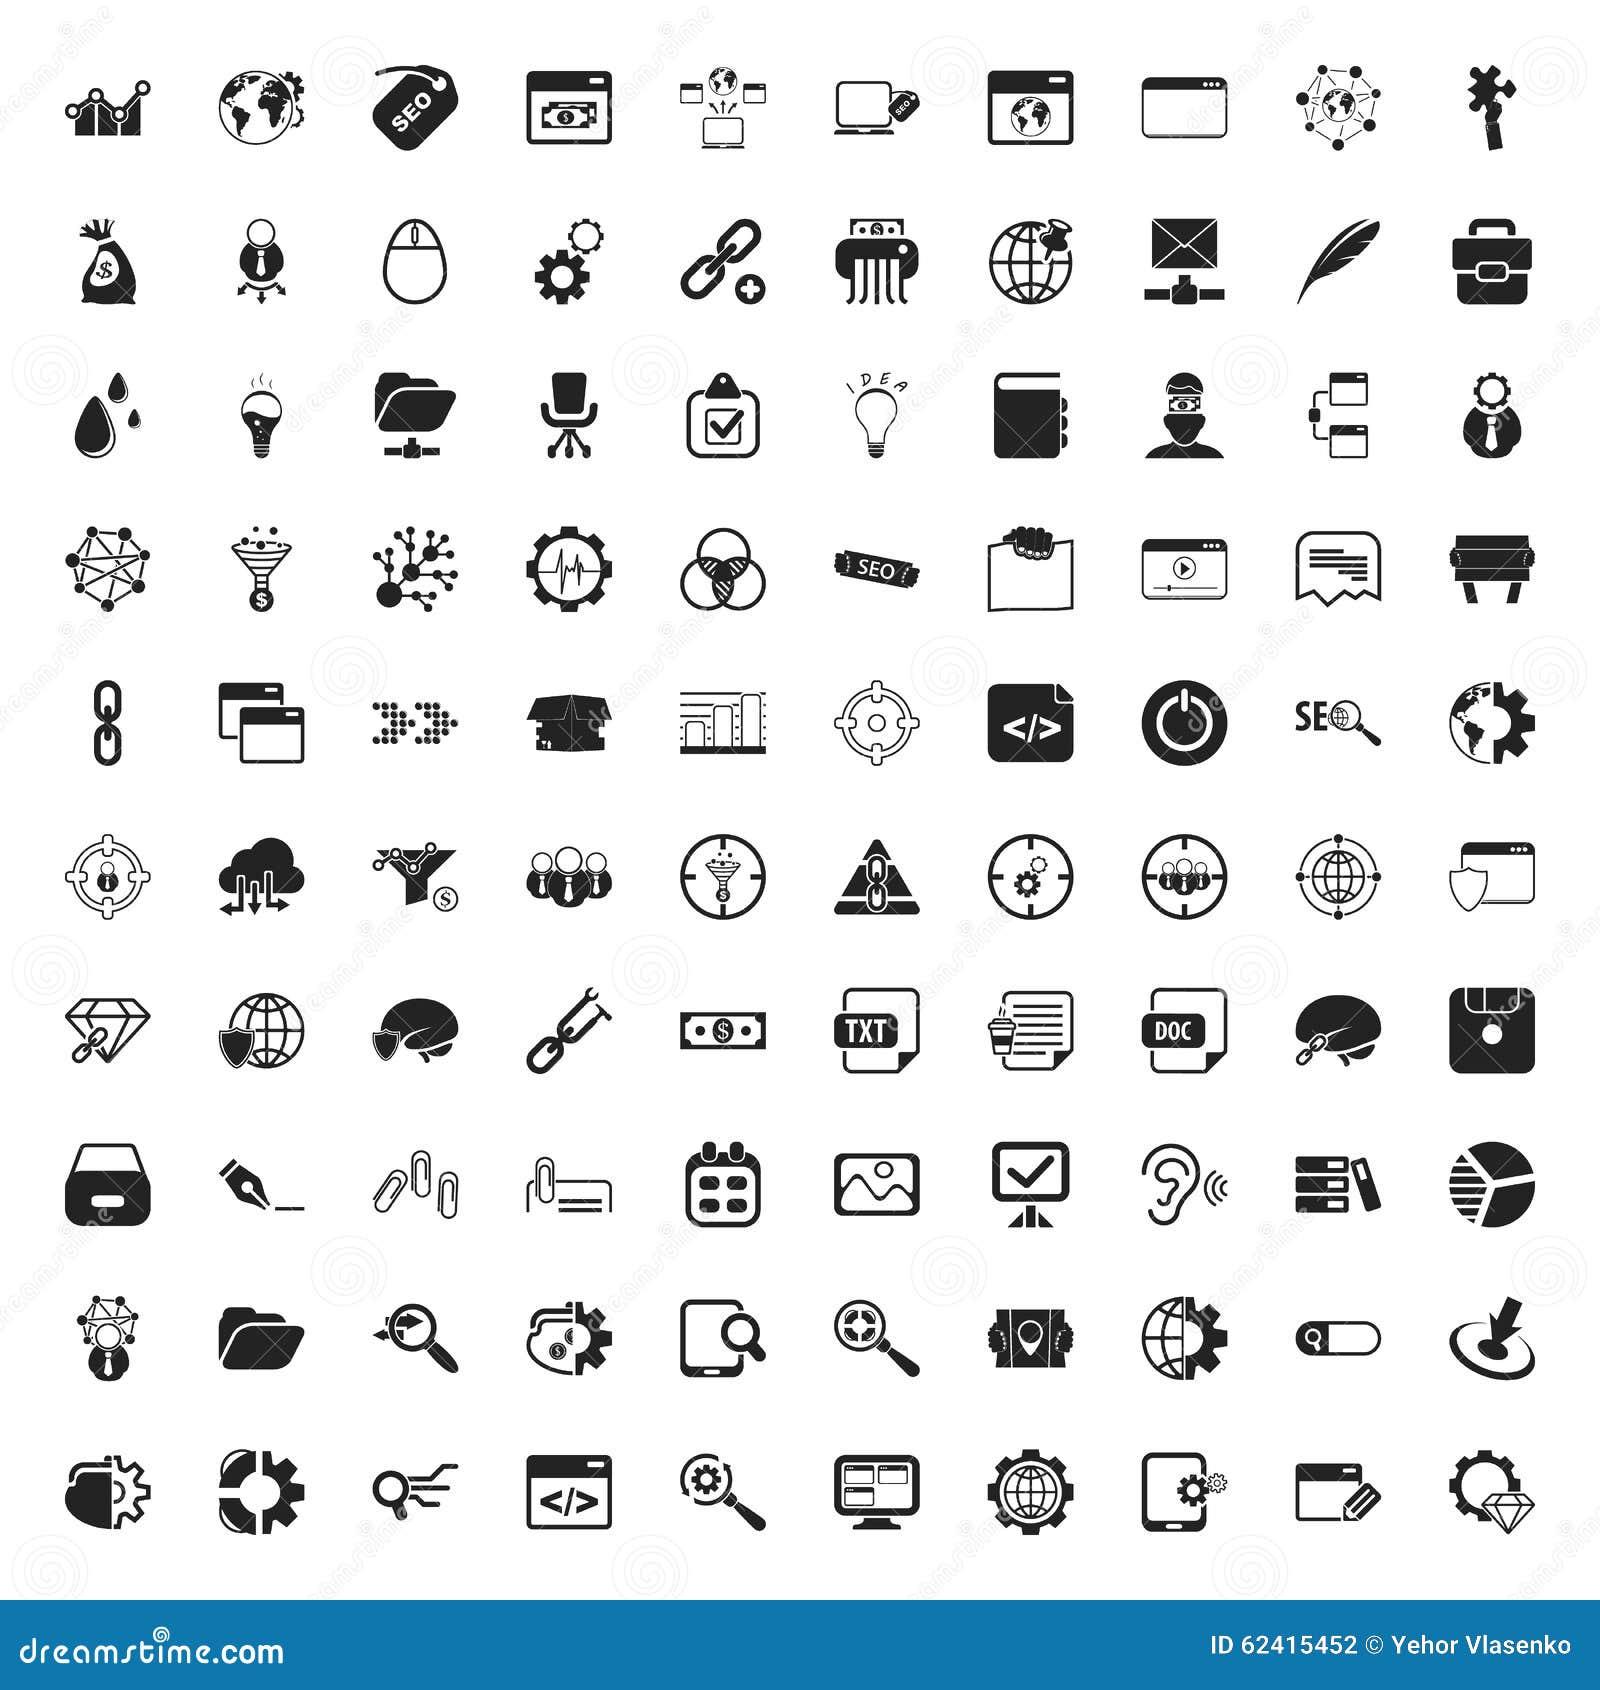 Seo 100 ikon ustawiających dla sieci